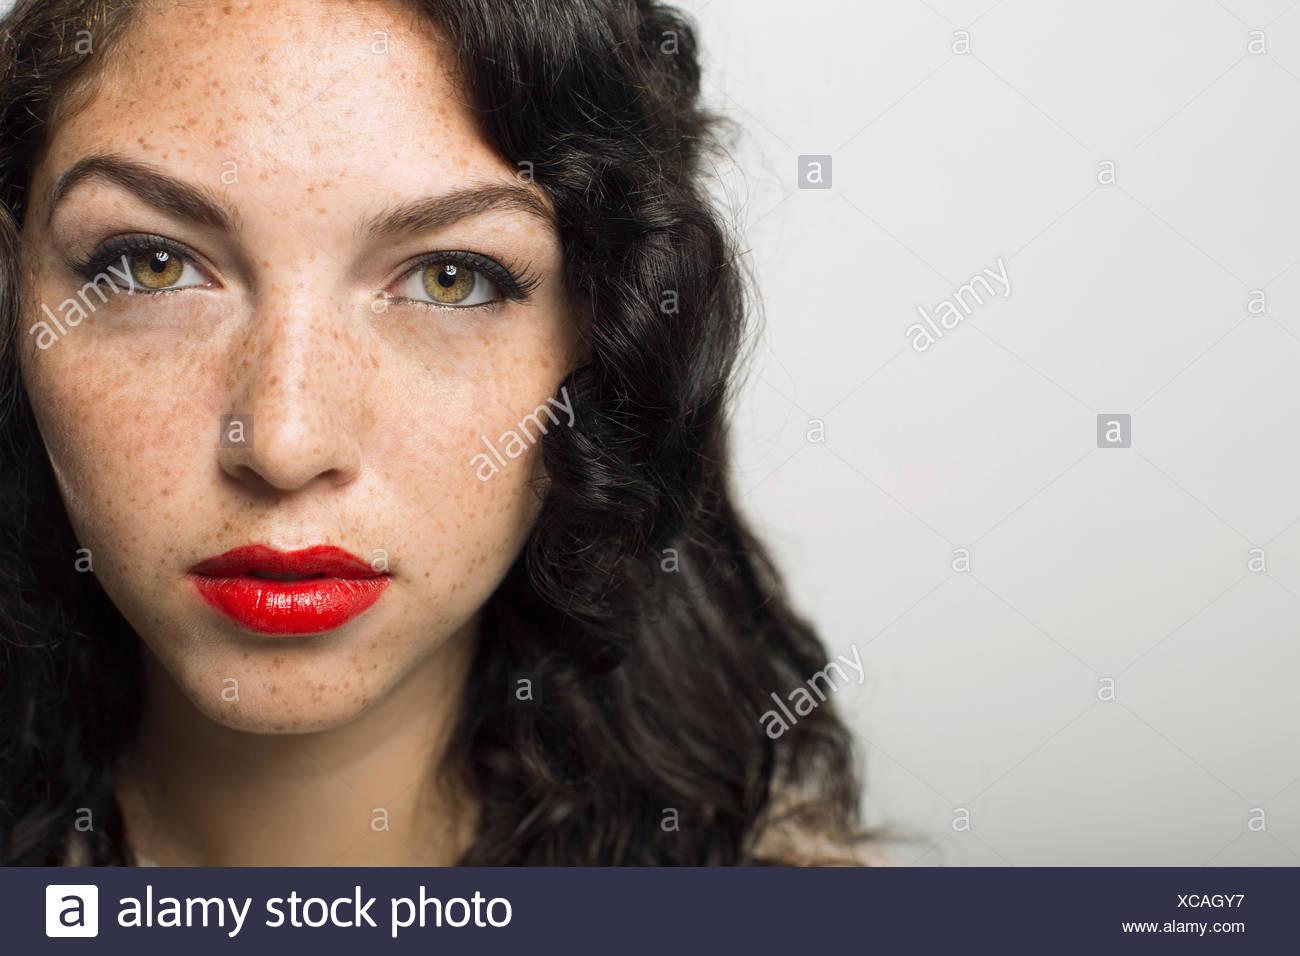 Close up ritratto di donna gravi con lentiggini Immagini Stock